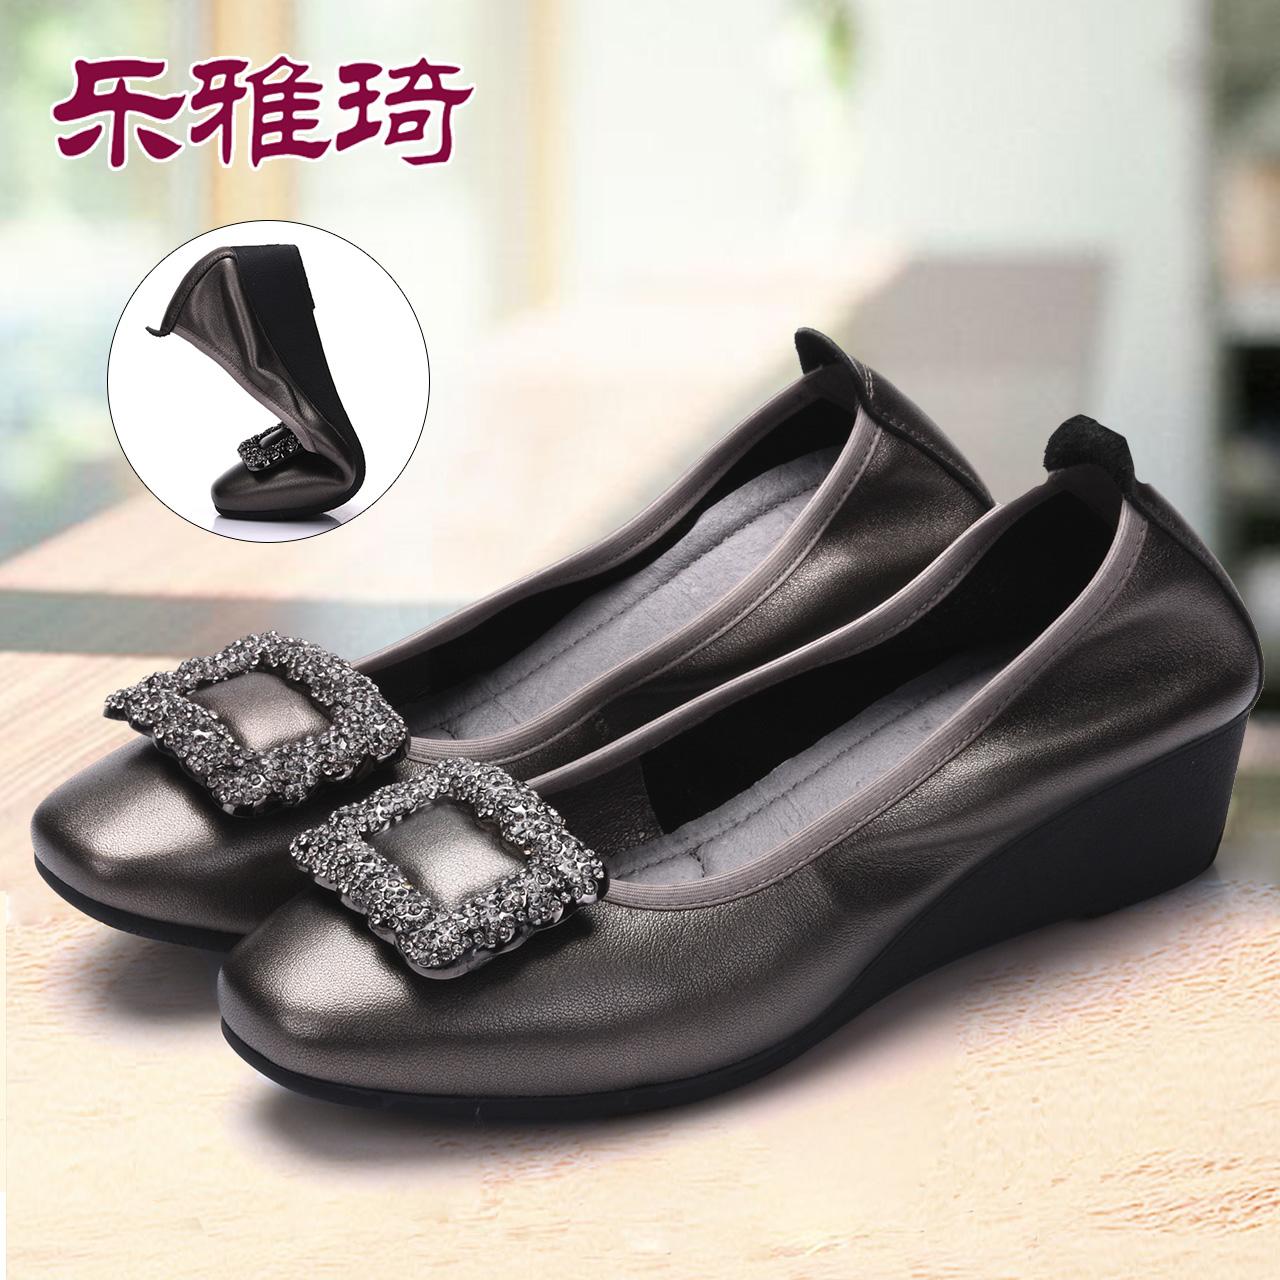 妈妈鞋软底女舒适真皮单鞋女浅口坡跟奶奶鞋2019春新款中老年女鞋